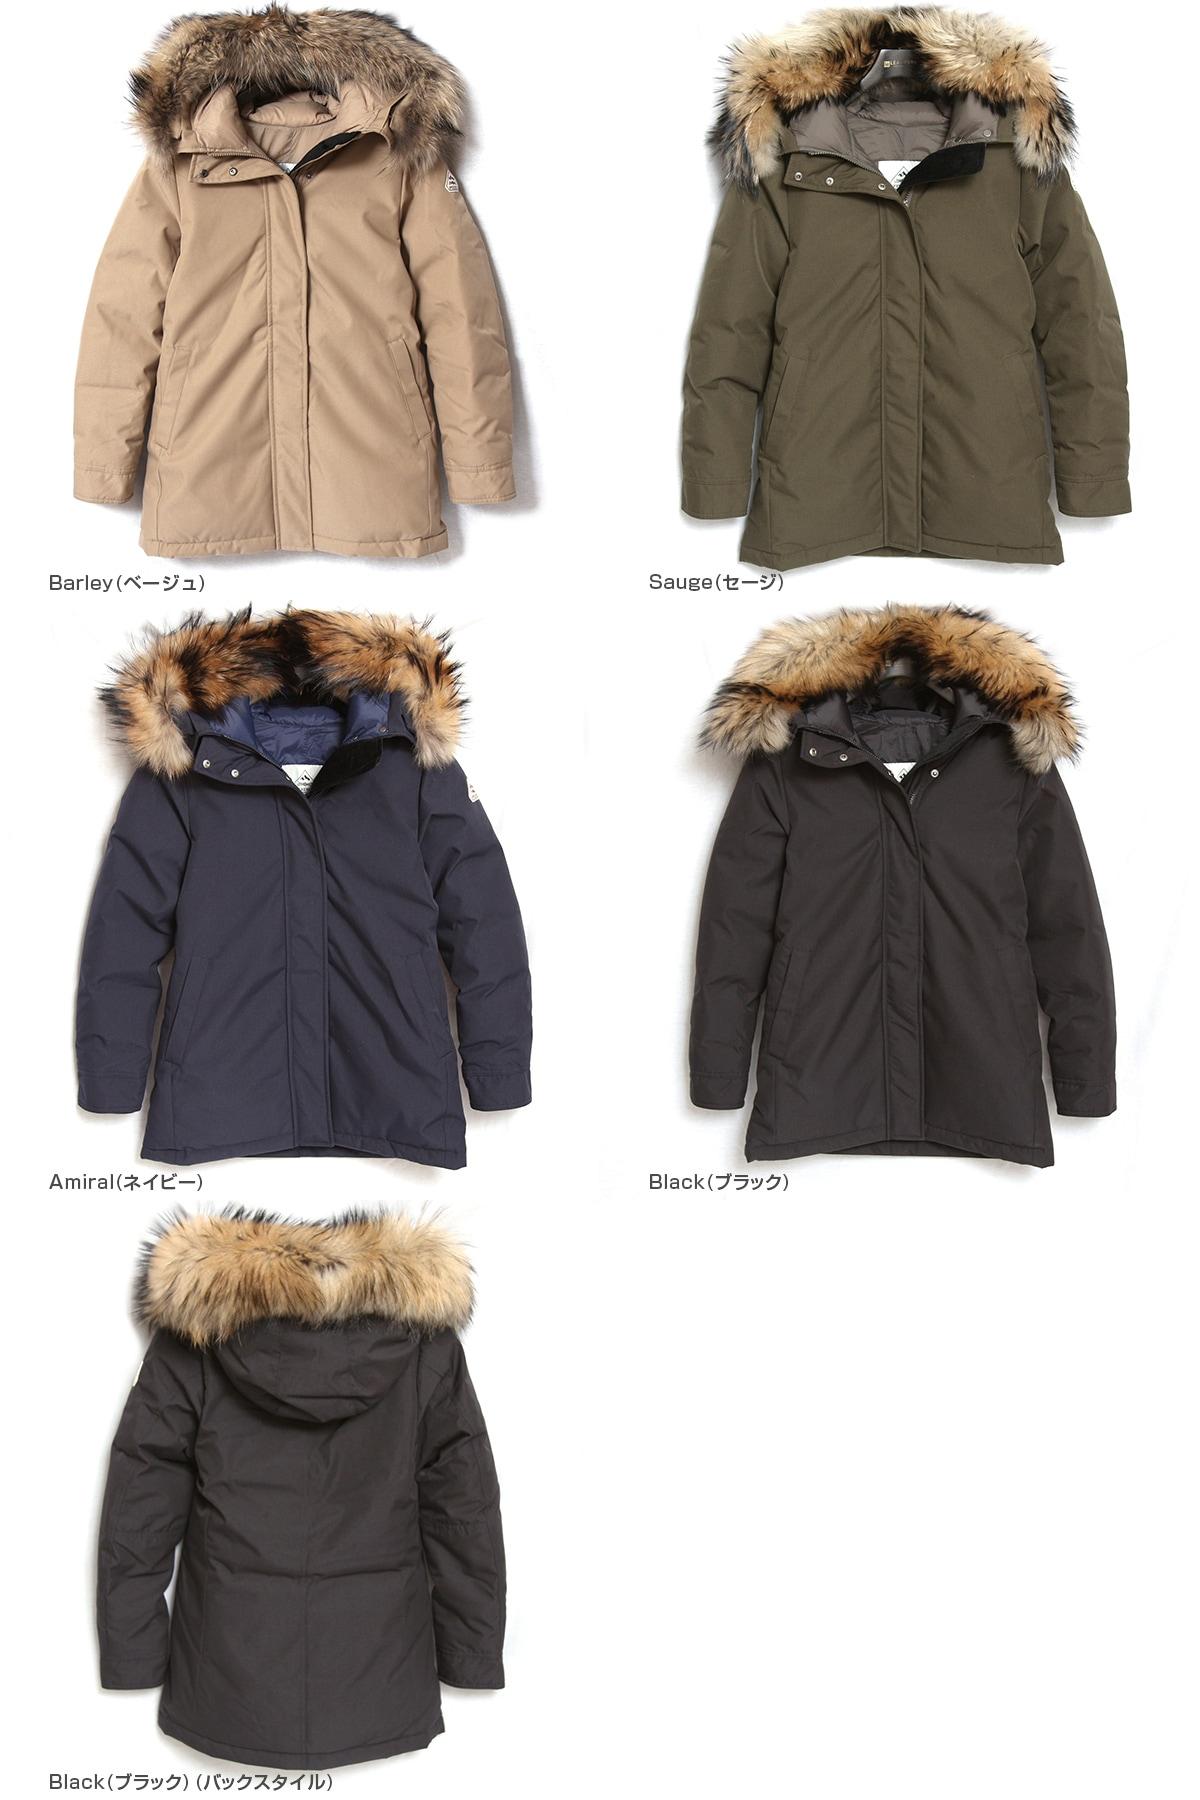 PYRENEX ピレネックス Bordeaux Jacket ボルドージャケット レディース ダウン ジャケット コート 国内正規品